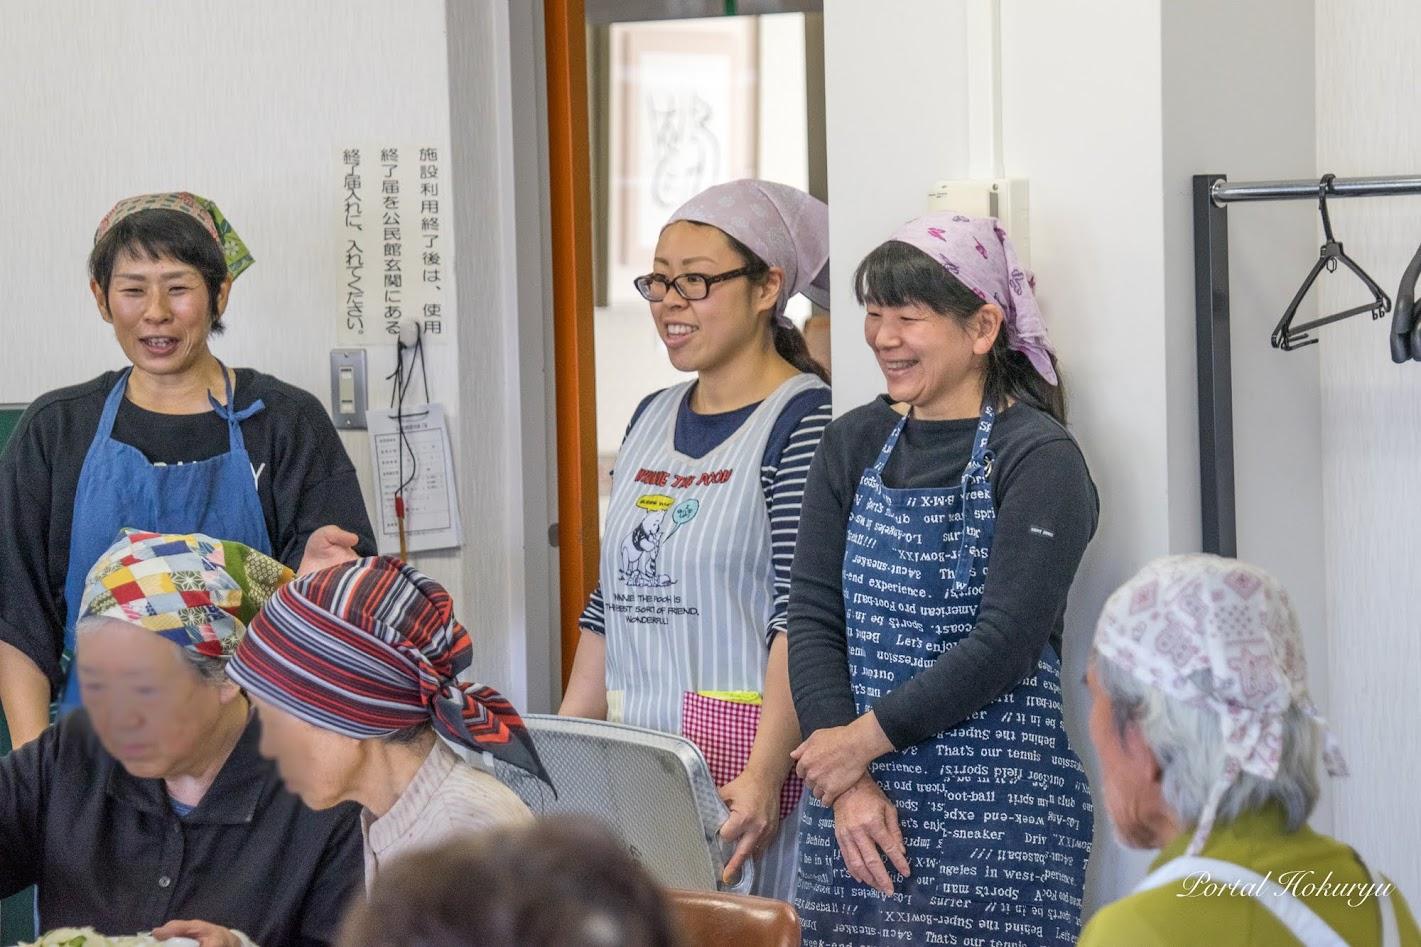 渡部鮎美さん(保育士)、竜西農場奥様・安達直子さん